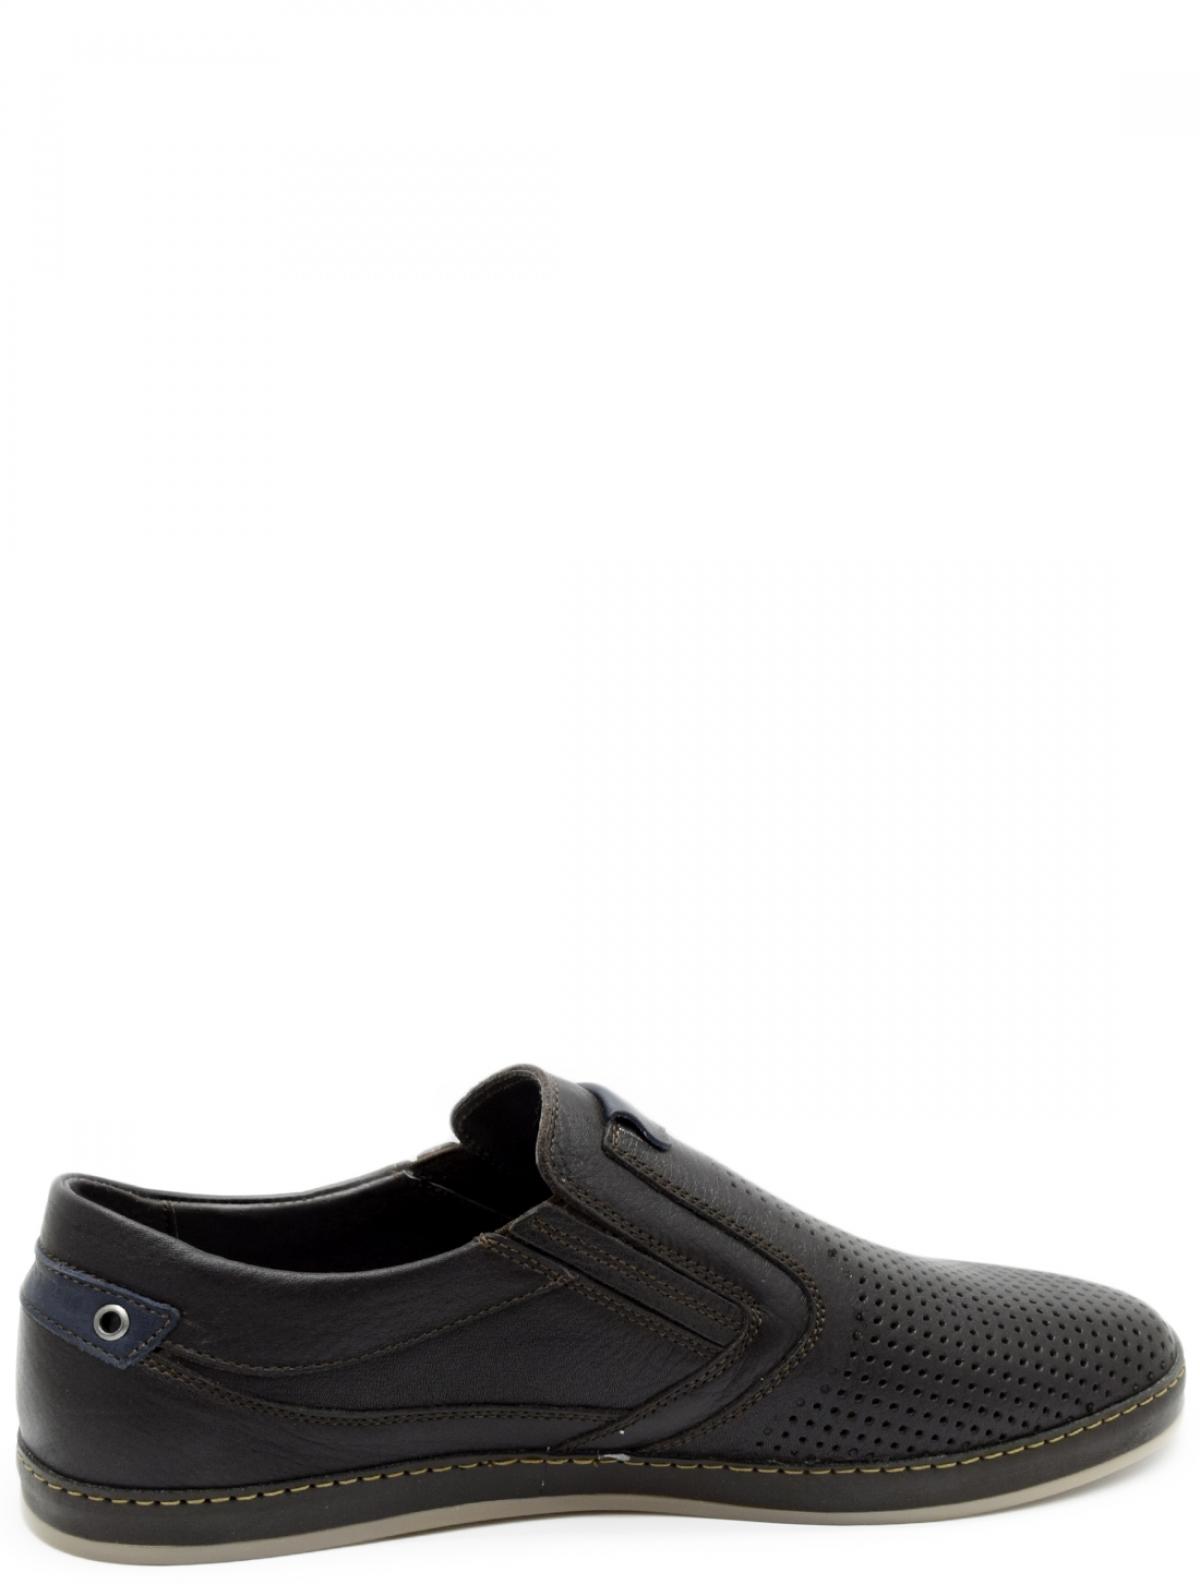 EDERRO 91455635 мужские туфли